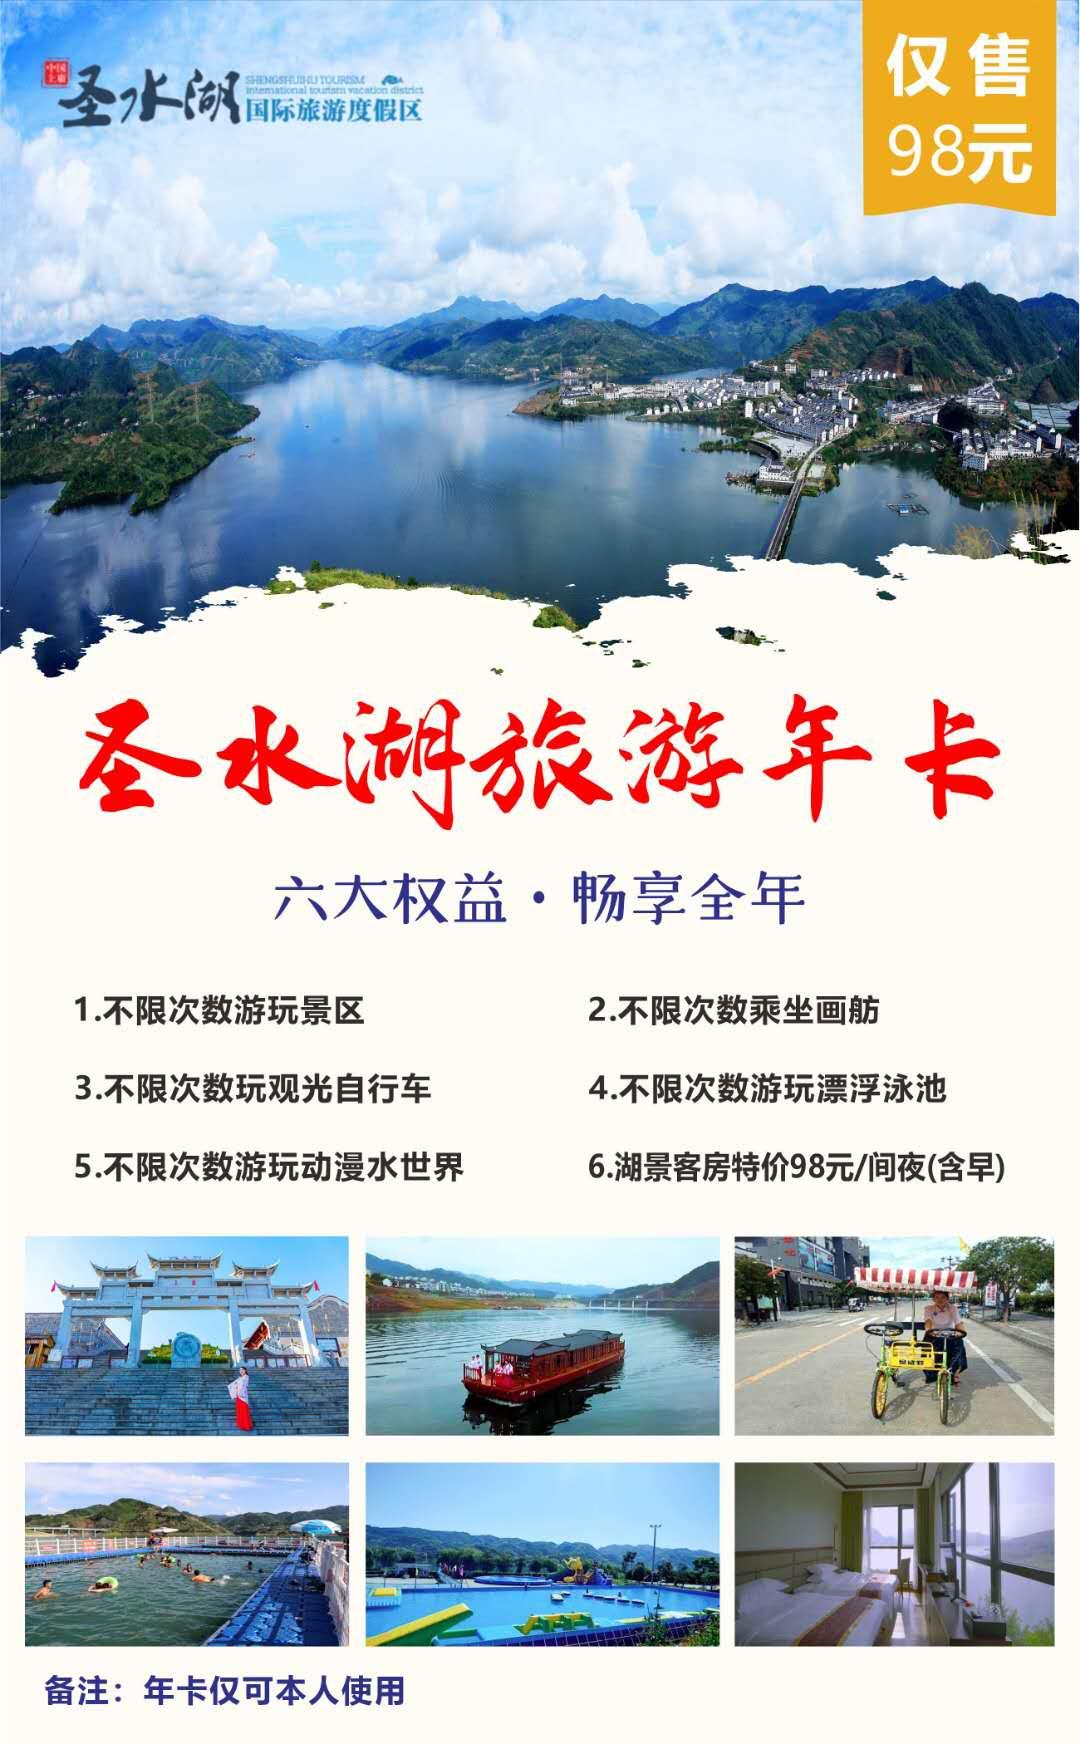 圣水湖旅游年卡